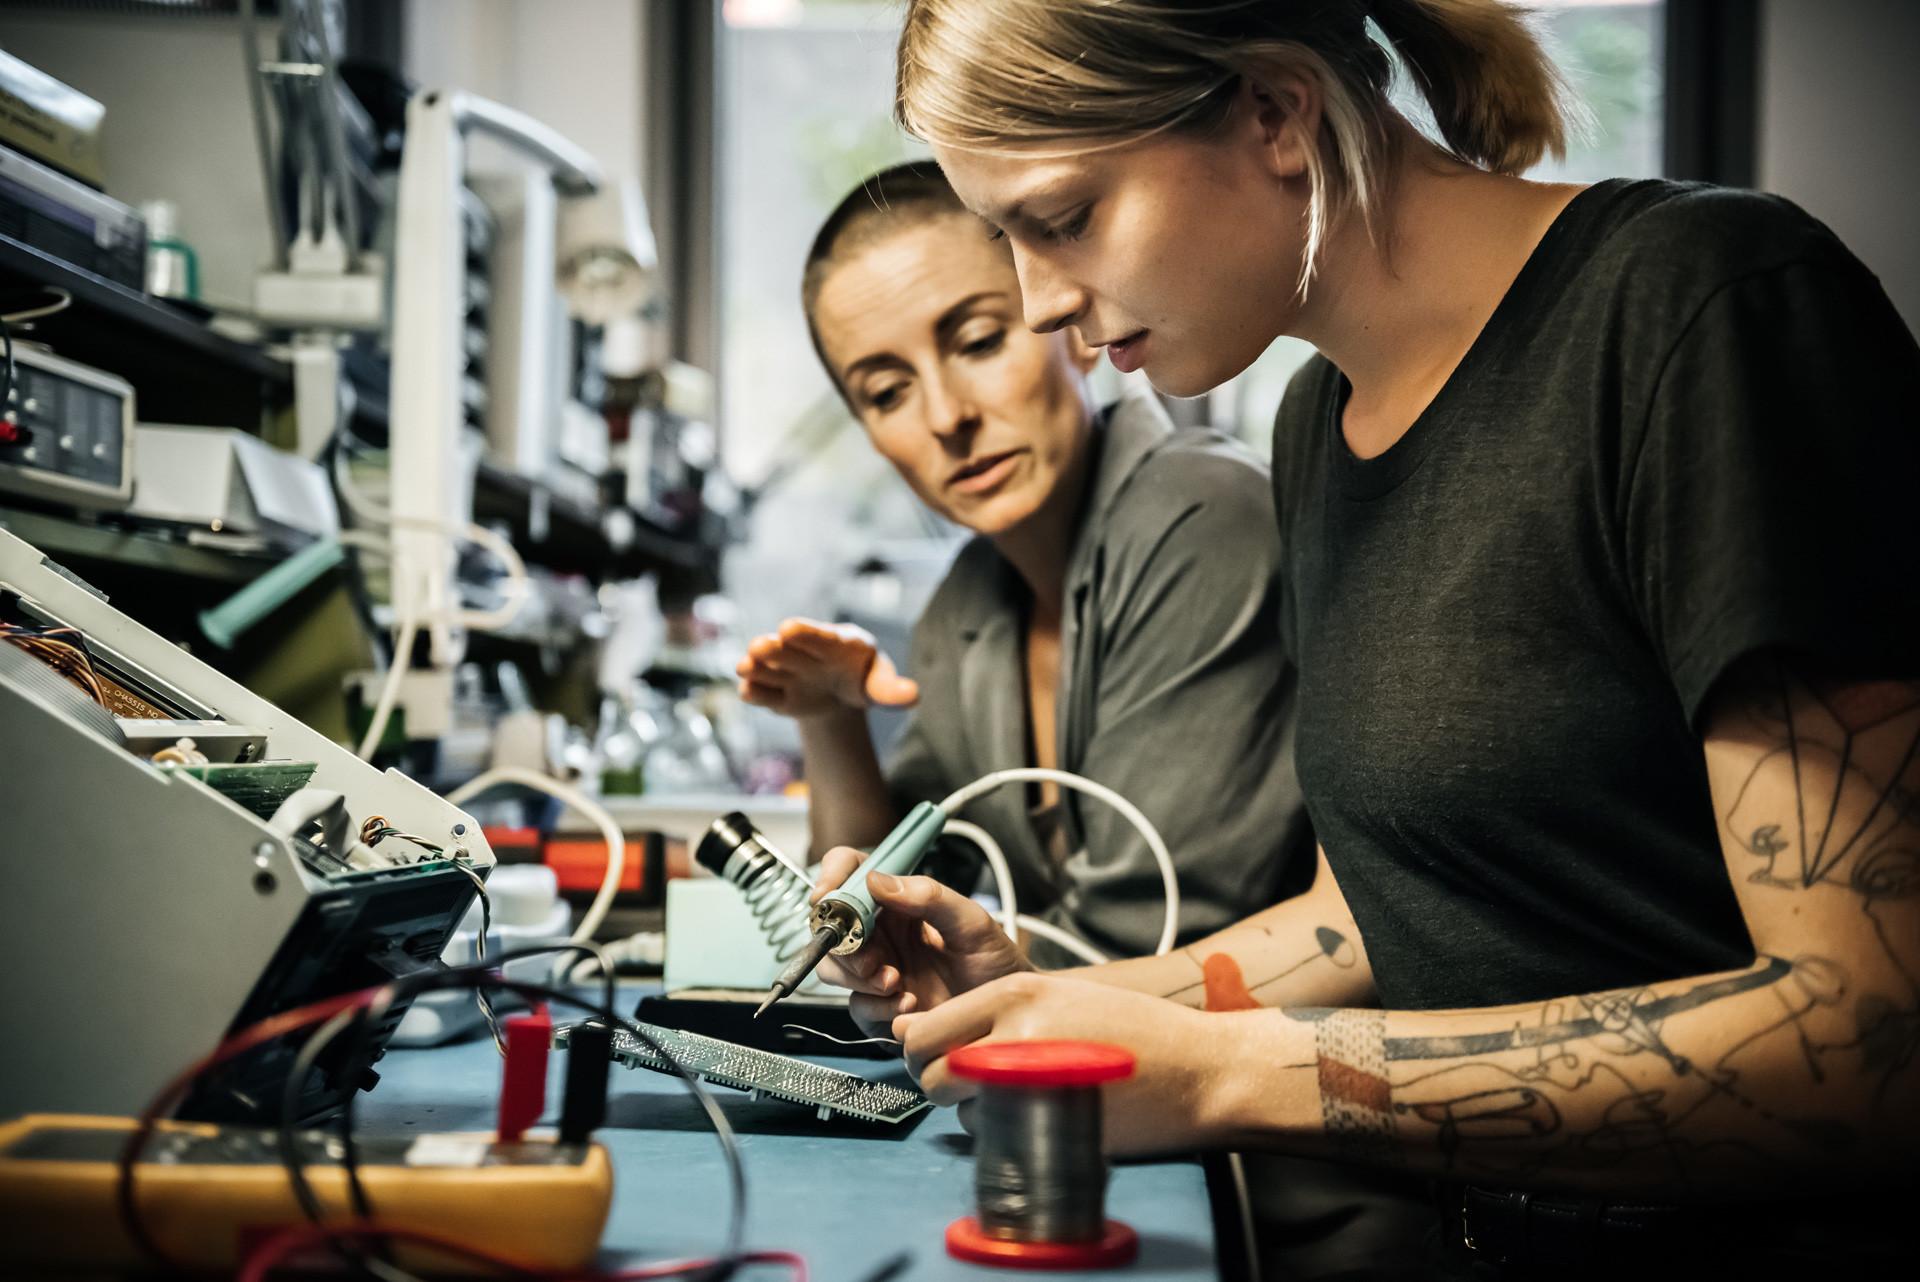 Na Rússia, de acordo com a Unesco, 41% das pessoas que trabalham em pesquisas científicas são mulheres.